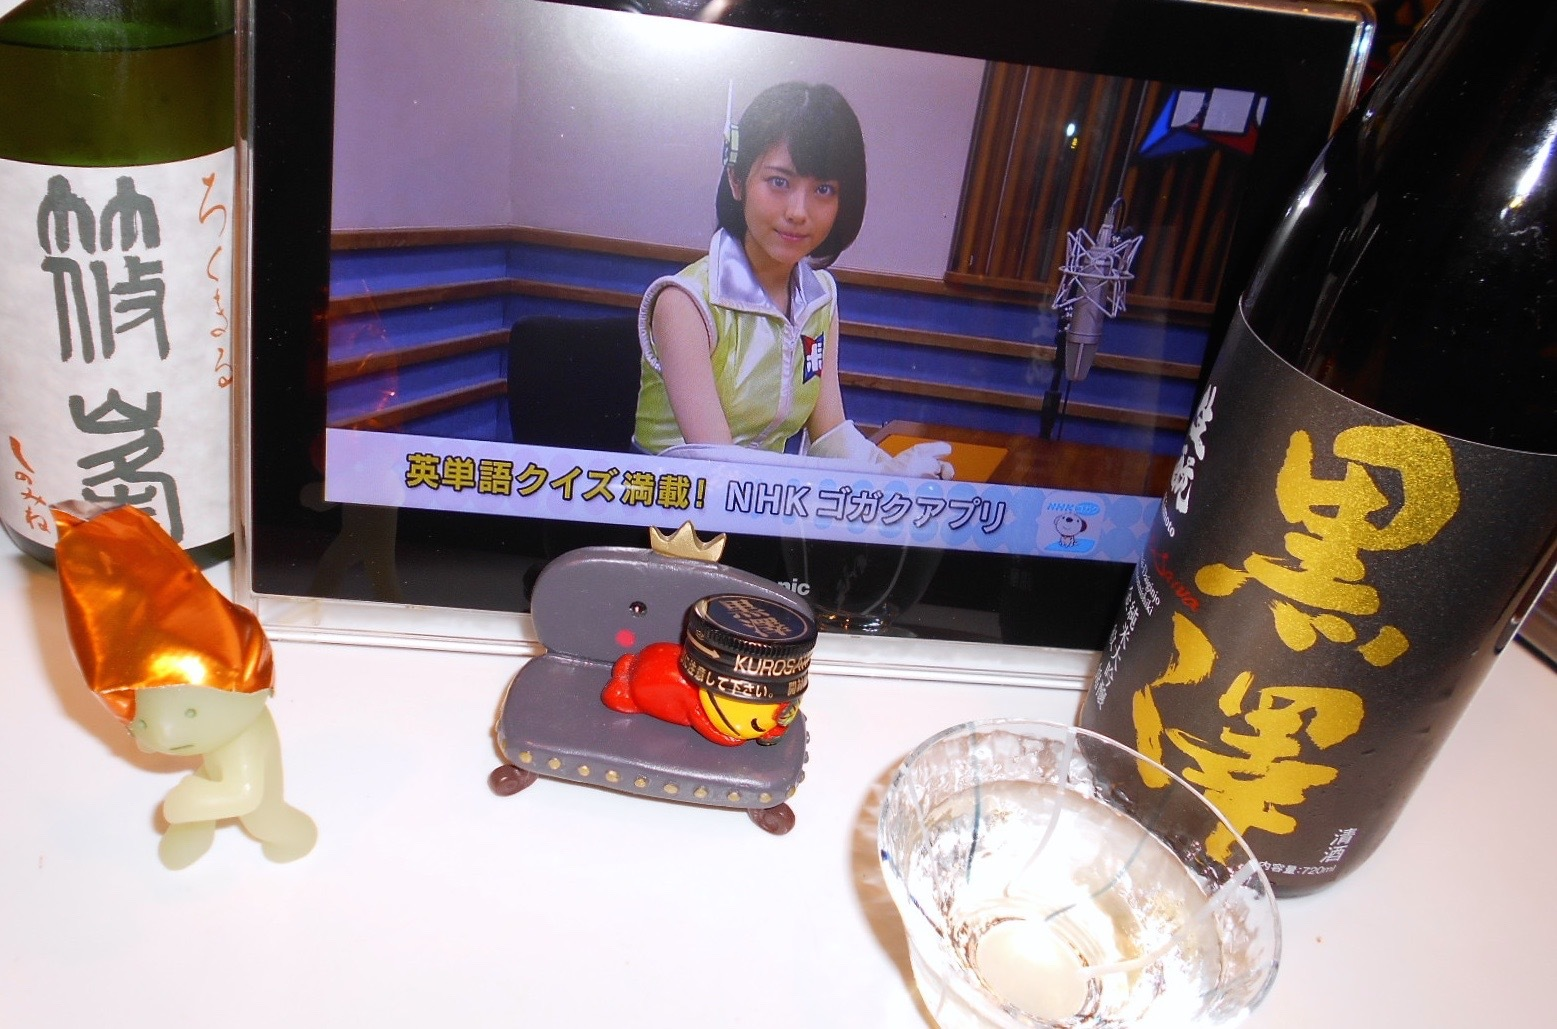 kurosawa_kinmon29by2_11.jpg